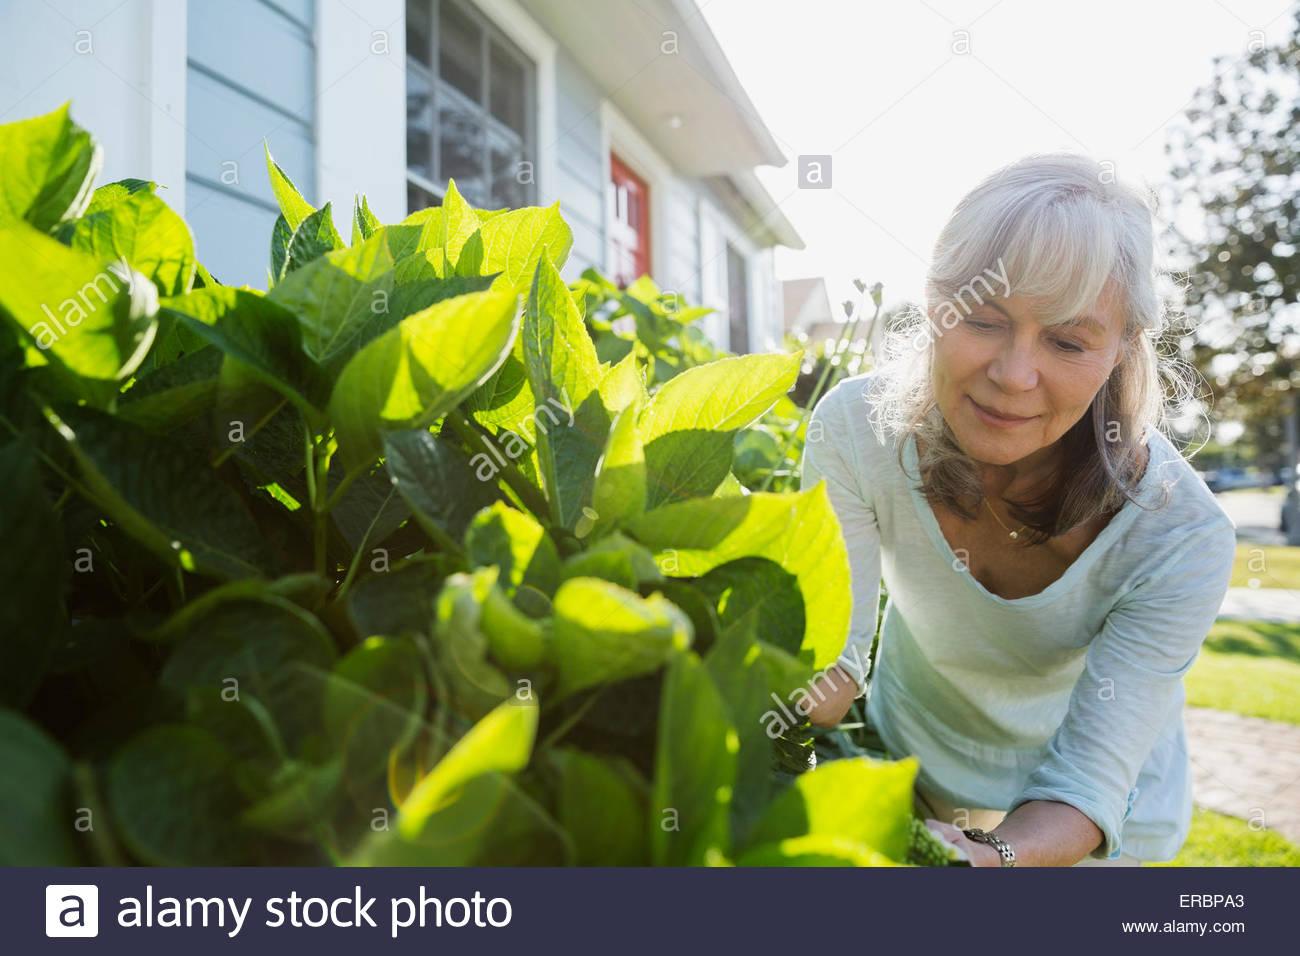 Senior woman trimming bush in sunny yard - Stock Image